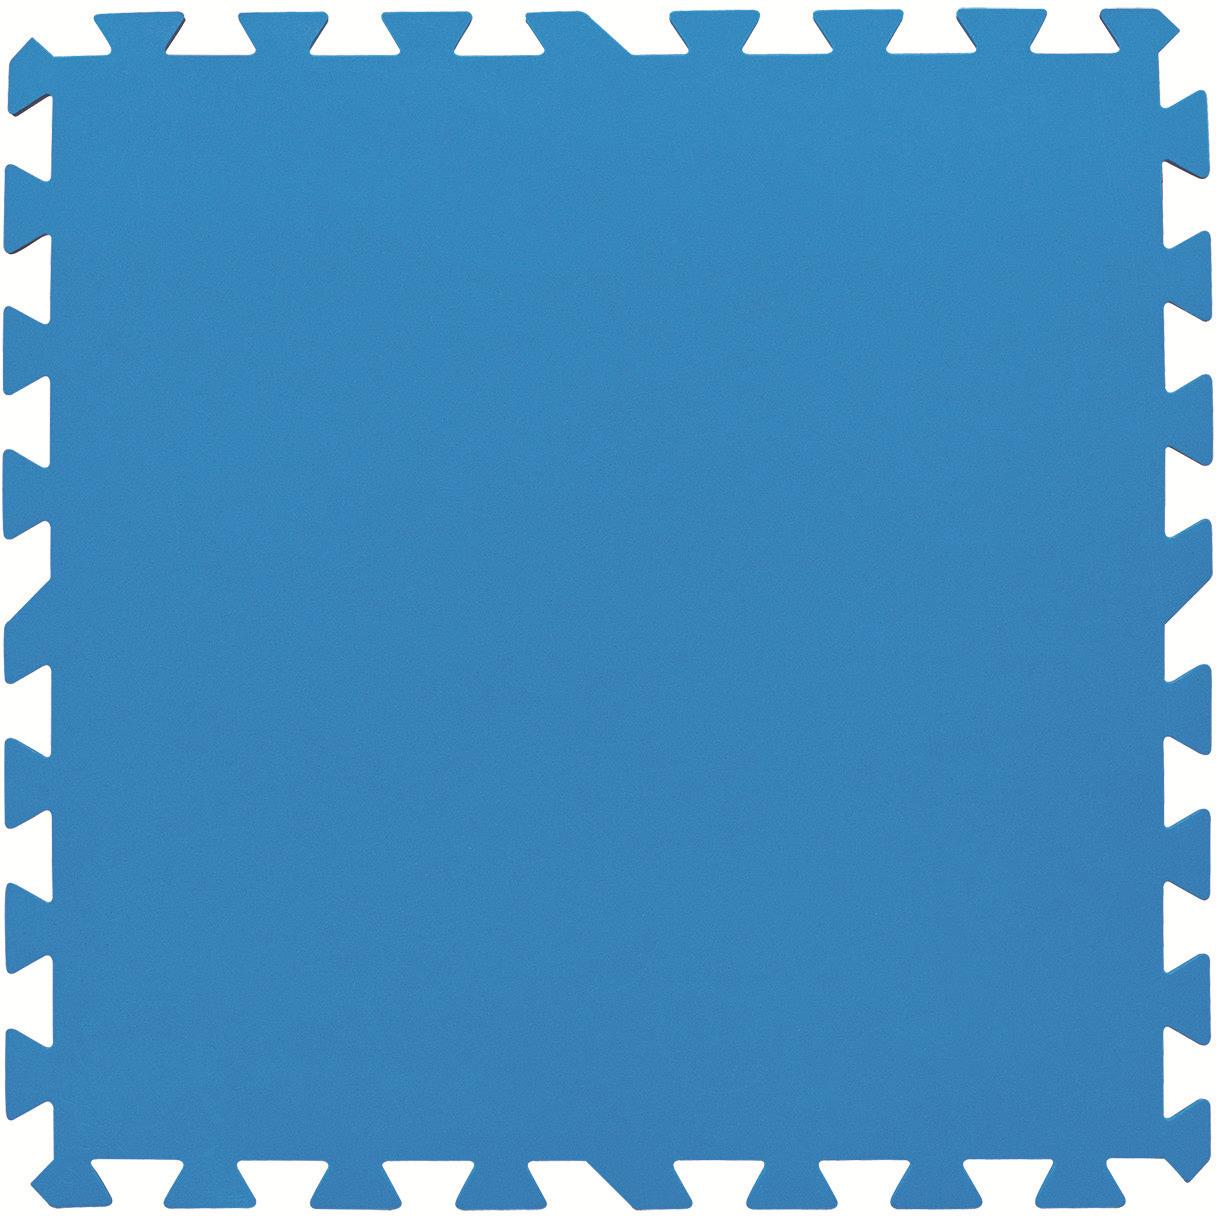 Фото - Подложка для бассейна Bestway, 50 х 50 см, 8 шт заклепки вытяжные fit 4 8 х 8 мм 50 шт